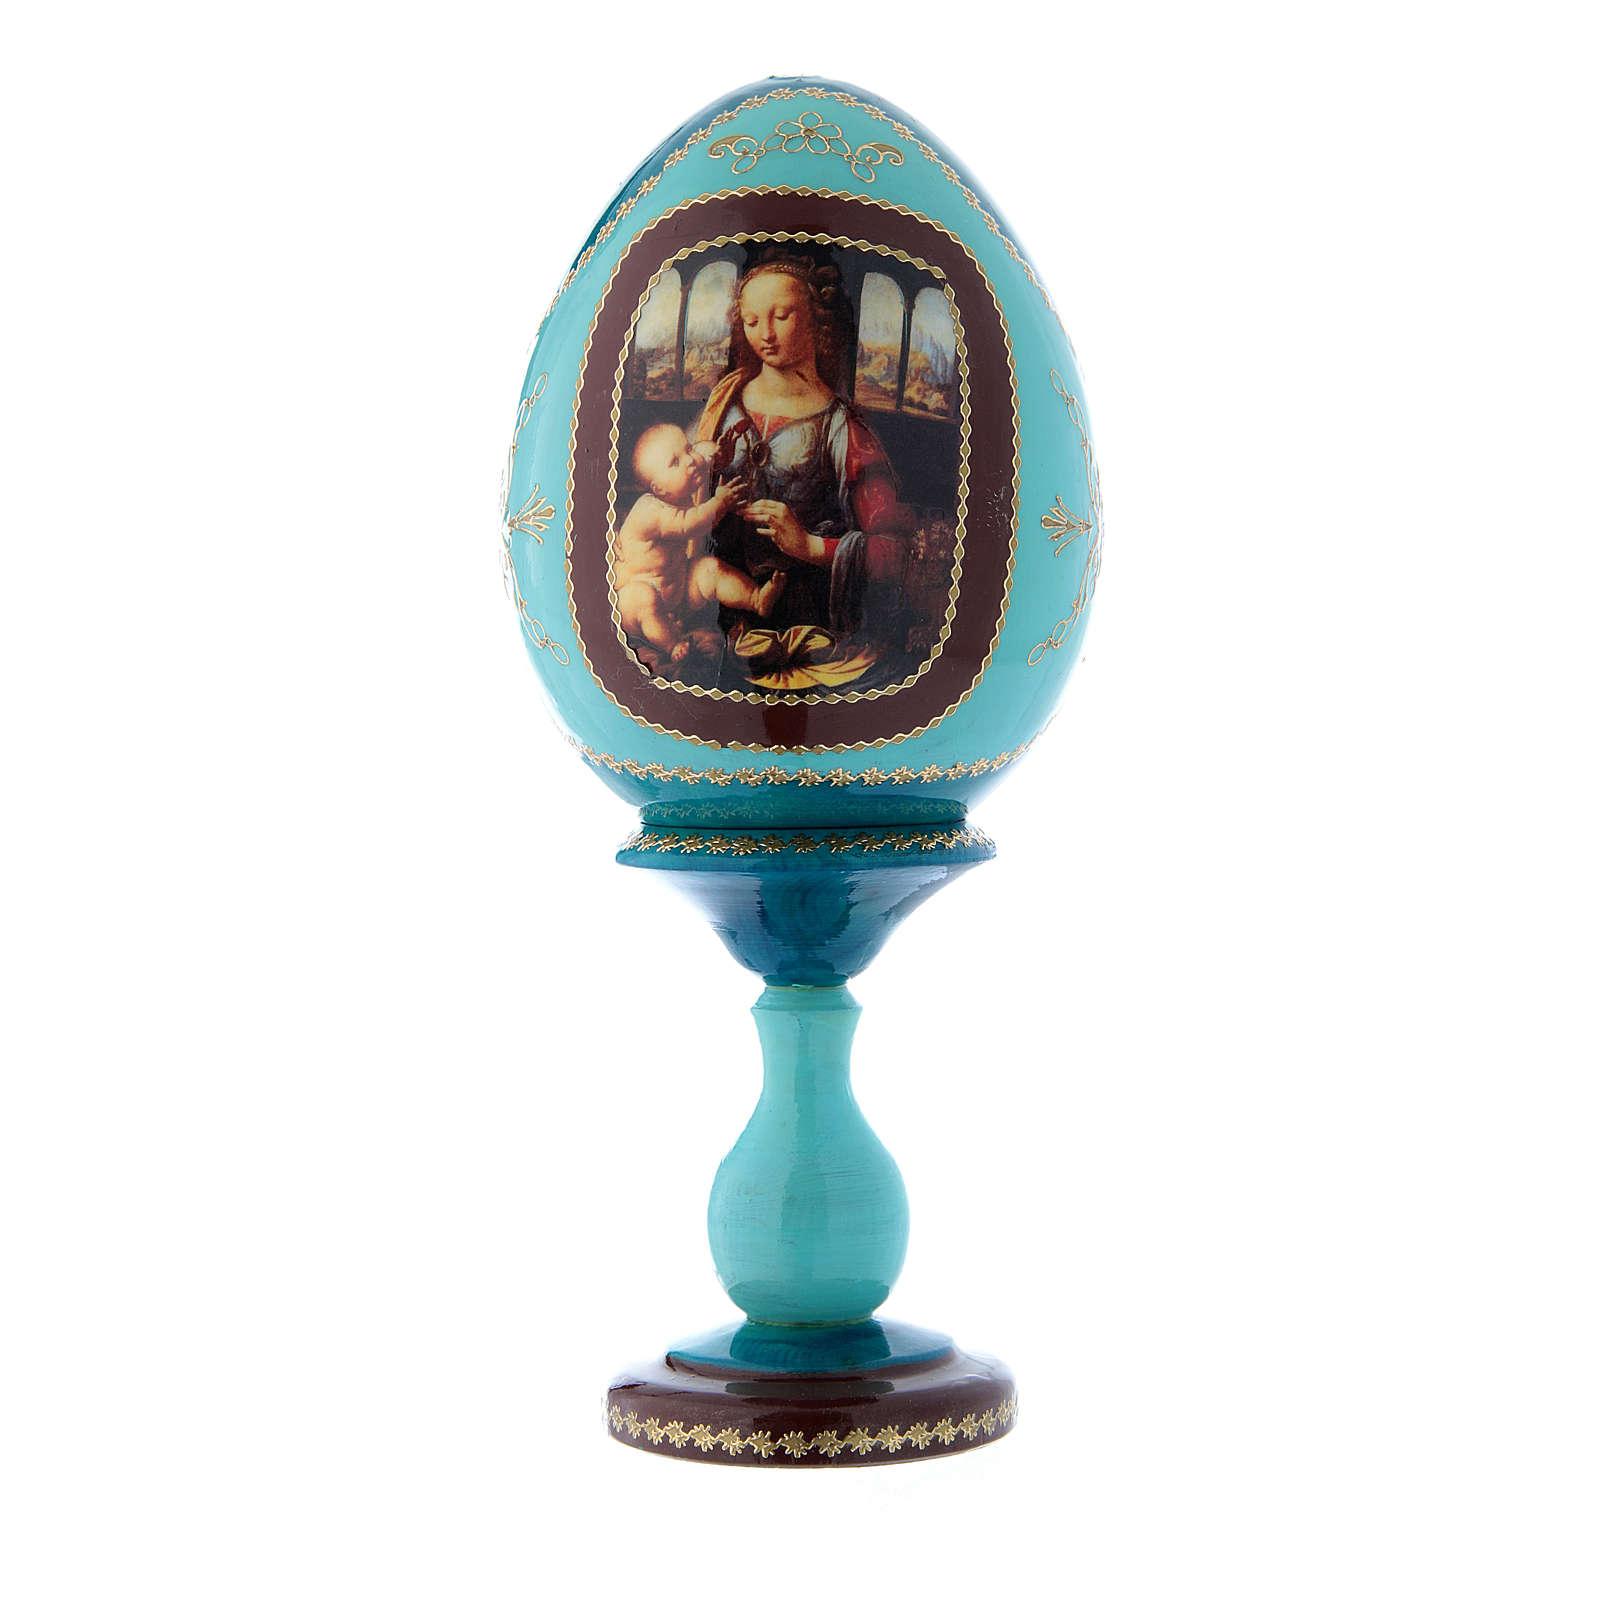 Uovo stile Fabergè La Madonna col Bambino blu russo découpage h tot 20 cm 4